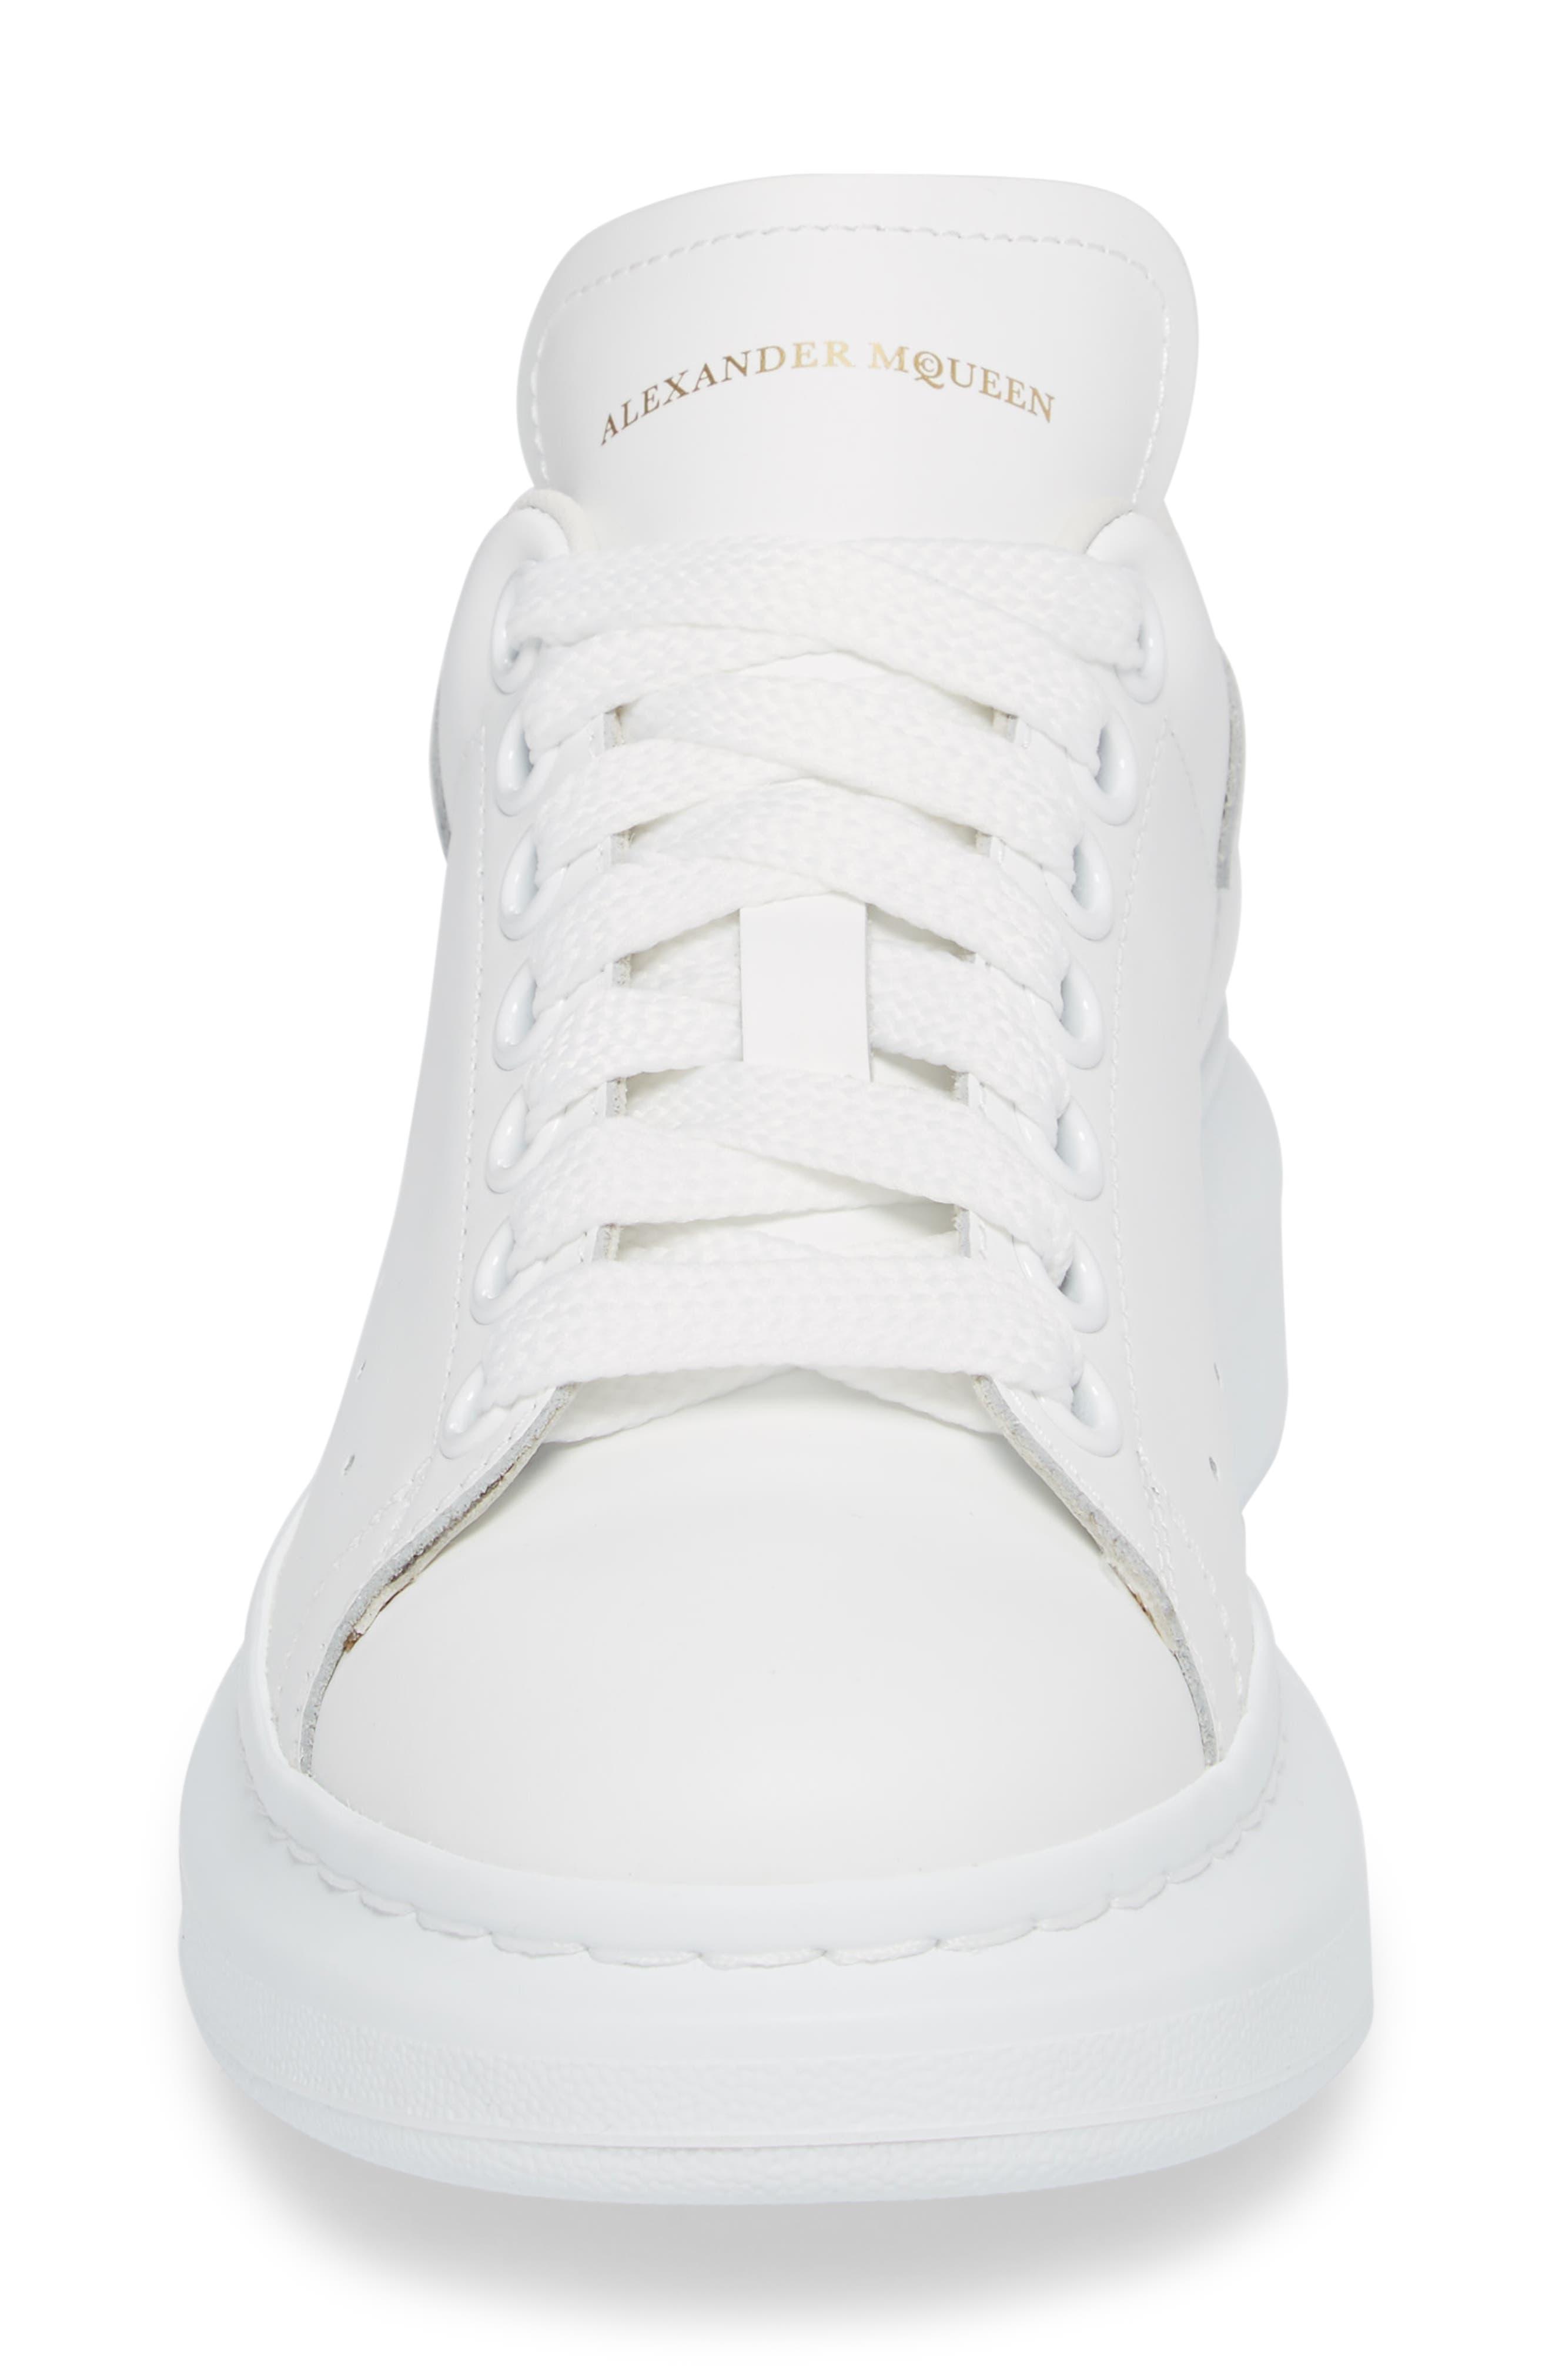 ALEXANDER MCQUEEN,                             Sneaker,                             Alternate thumbnail 4, color,                             WHITE/ WHITE